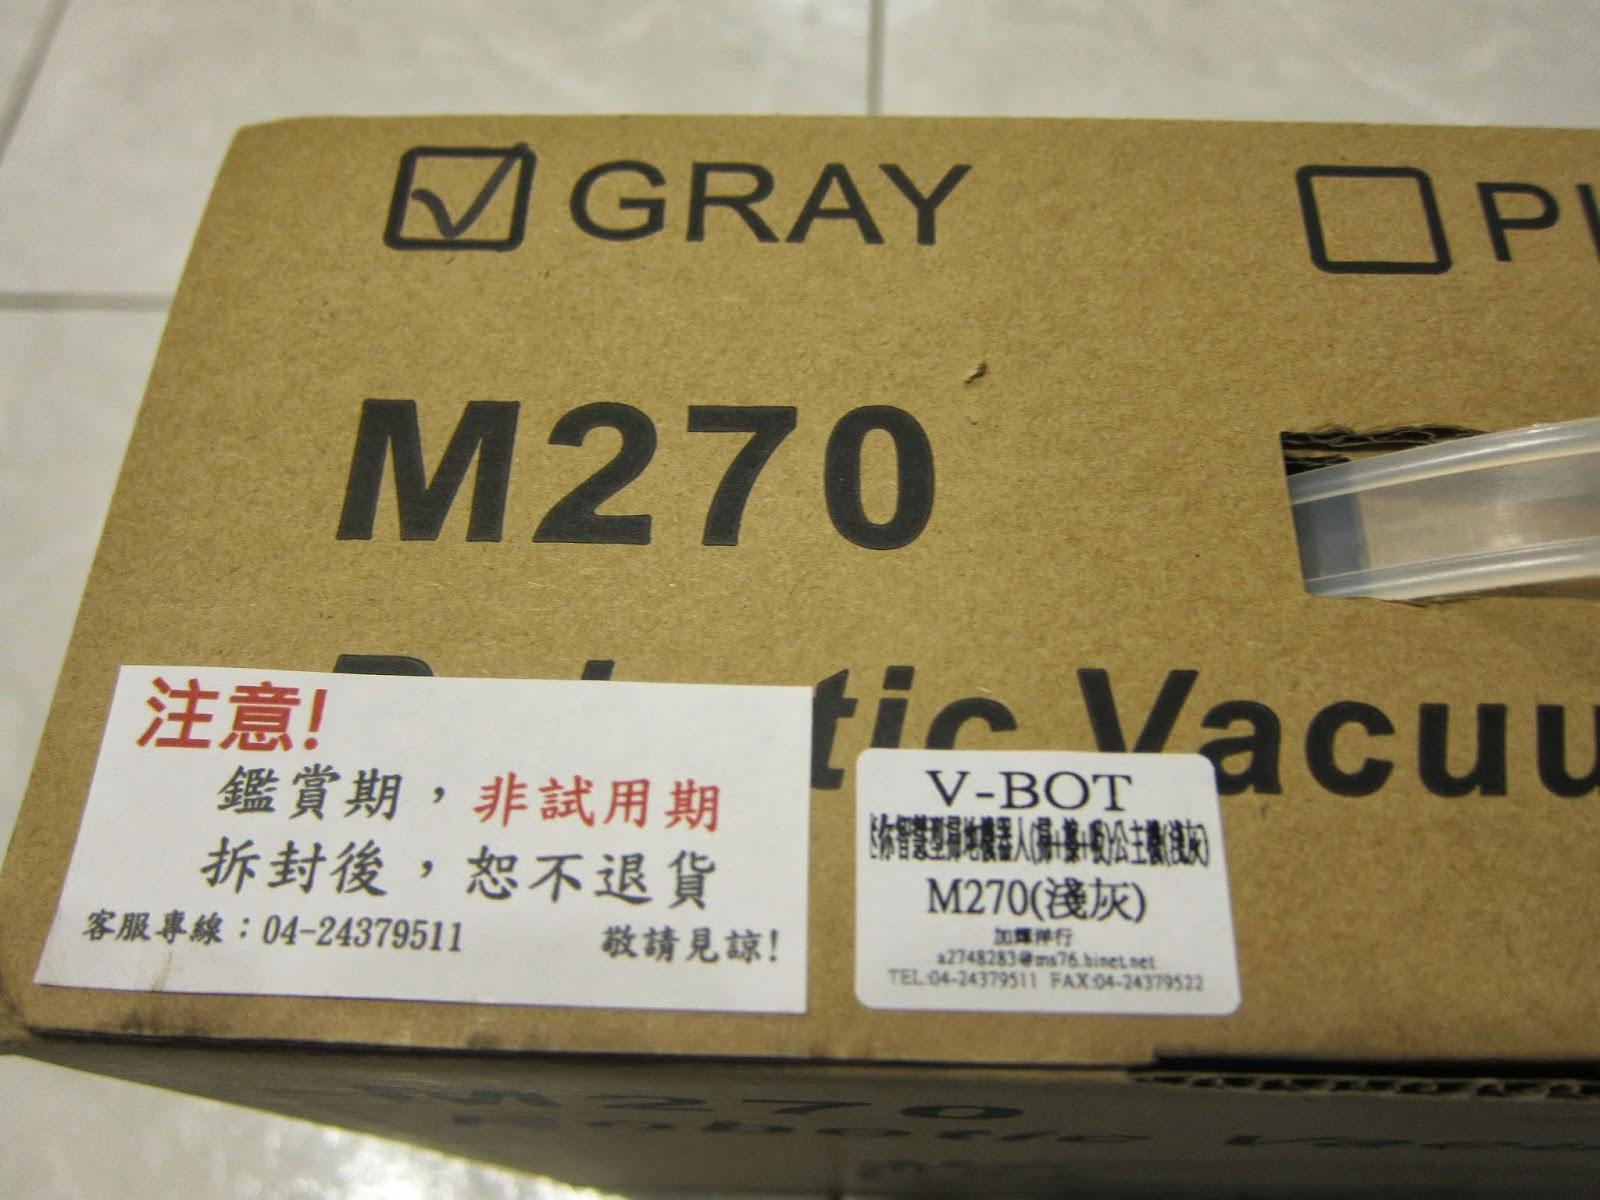 IMG 2246 - [開箱] V-BOT M270 迷你智慧型掃地機器人